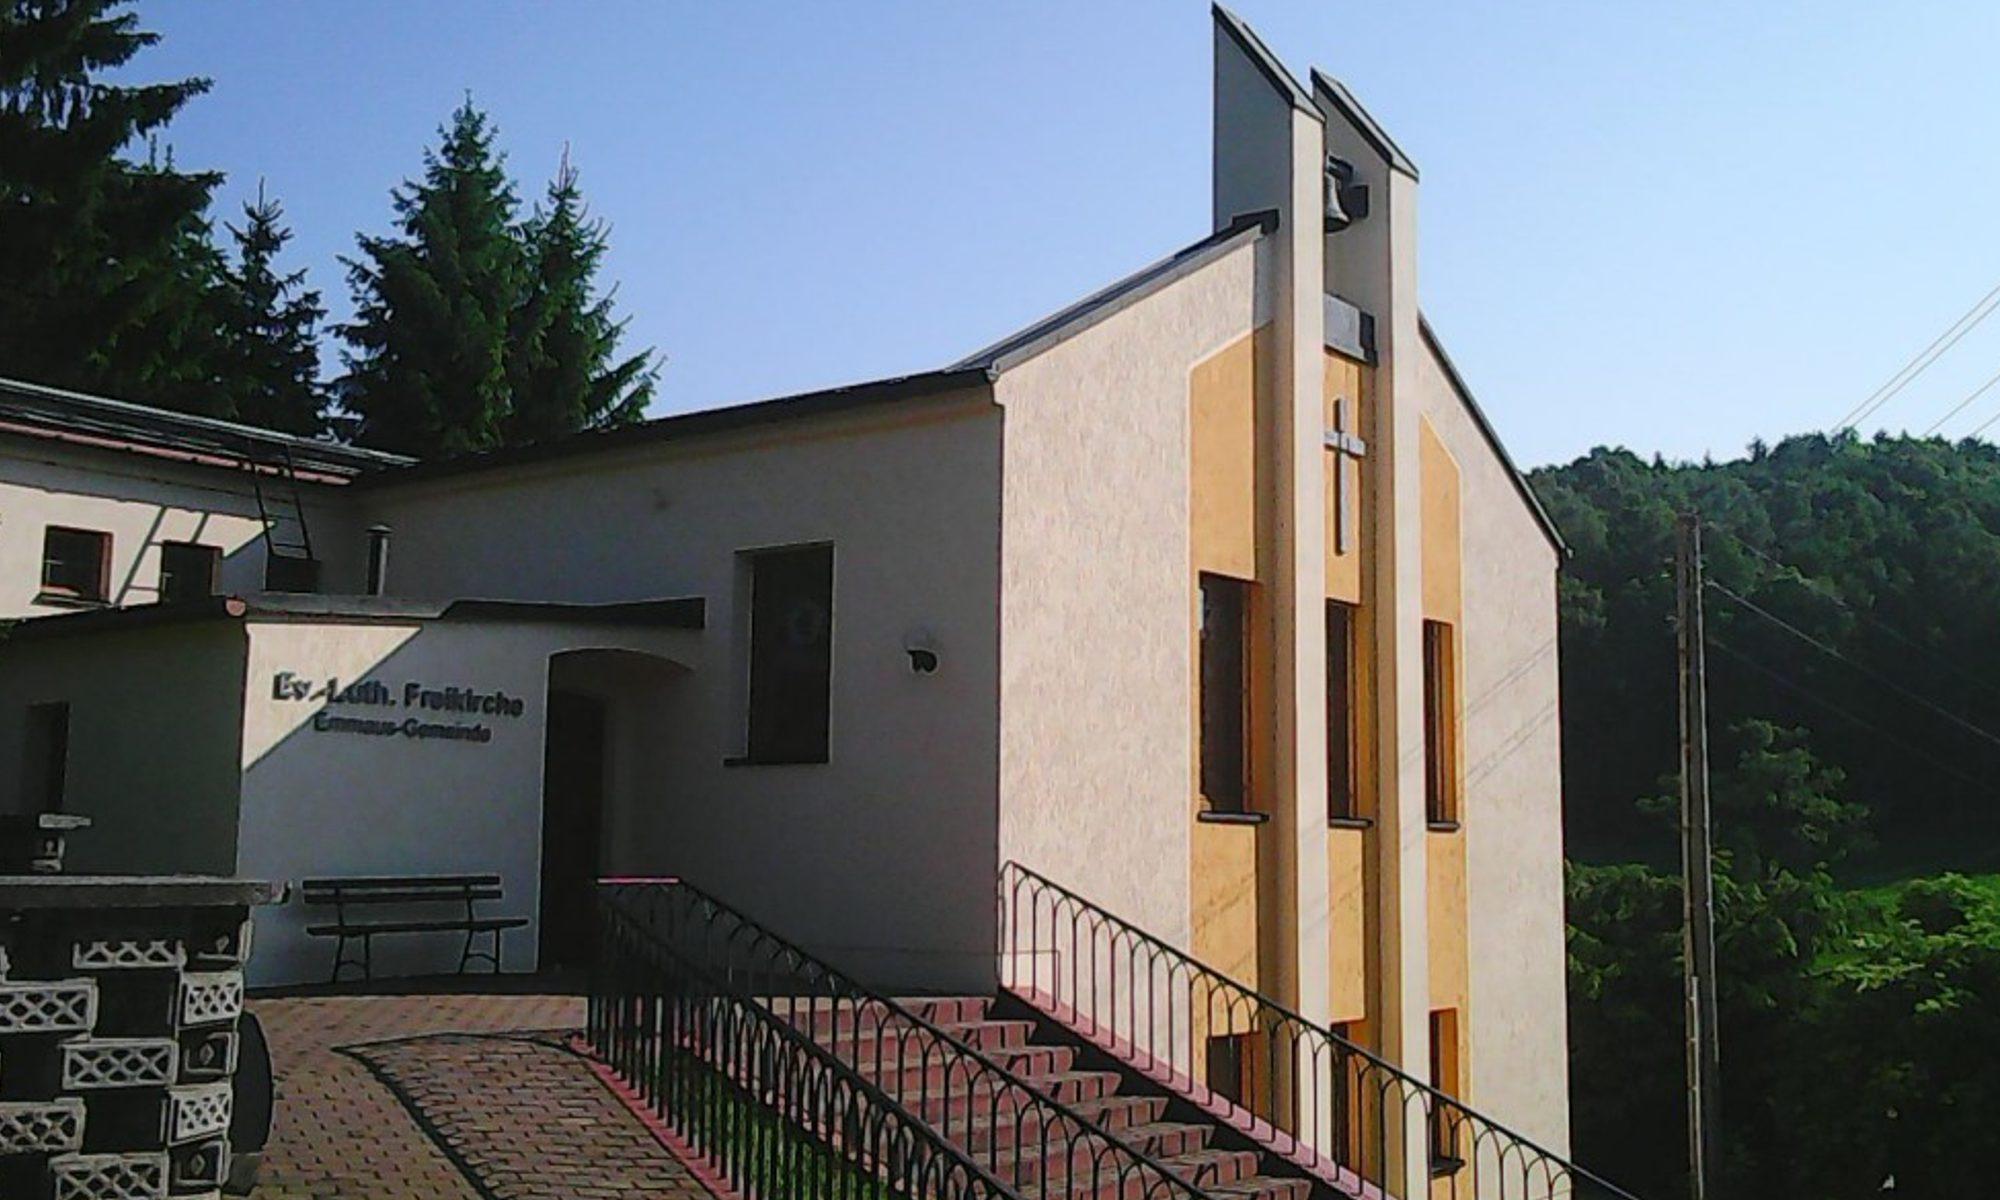 92. Synode der Ev.-Luth. Freikirche